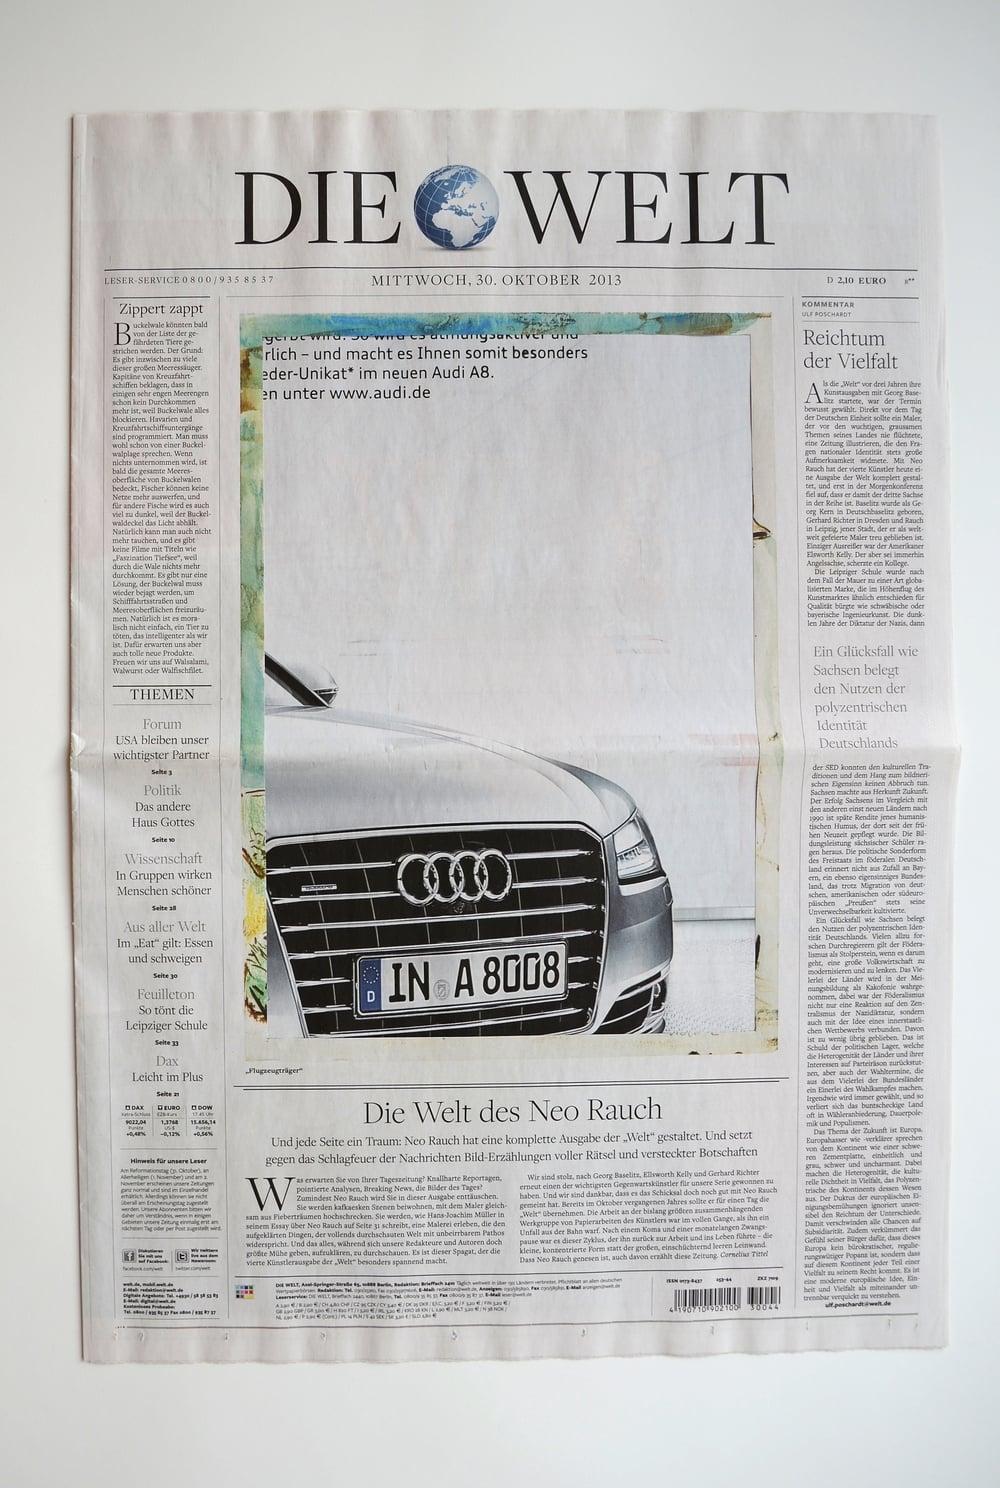 Roland Schefferski, Die Welt 10.28.2013